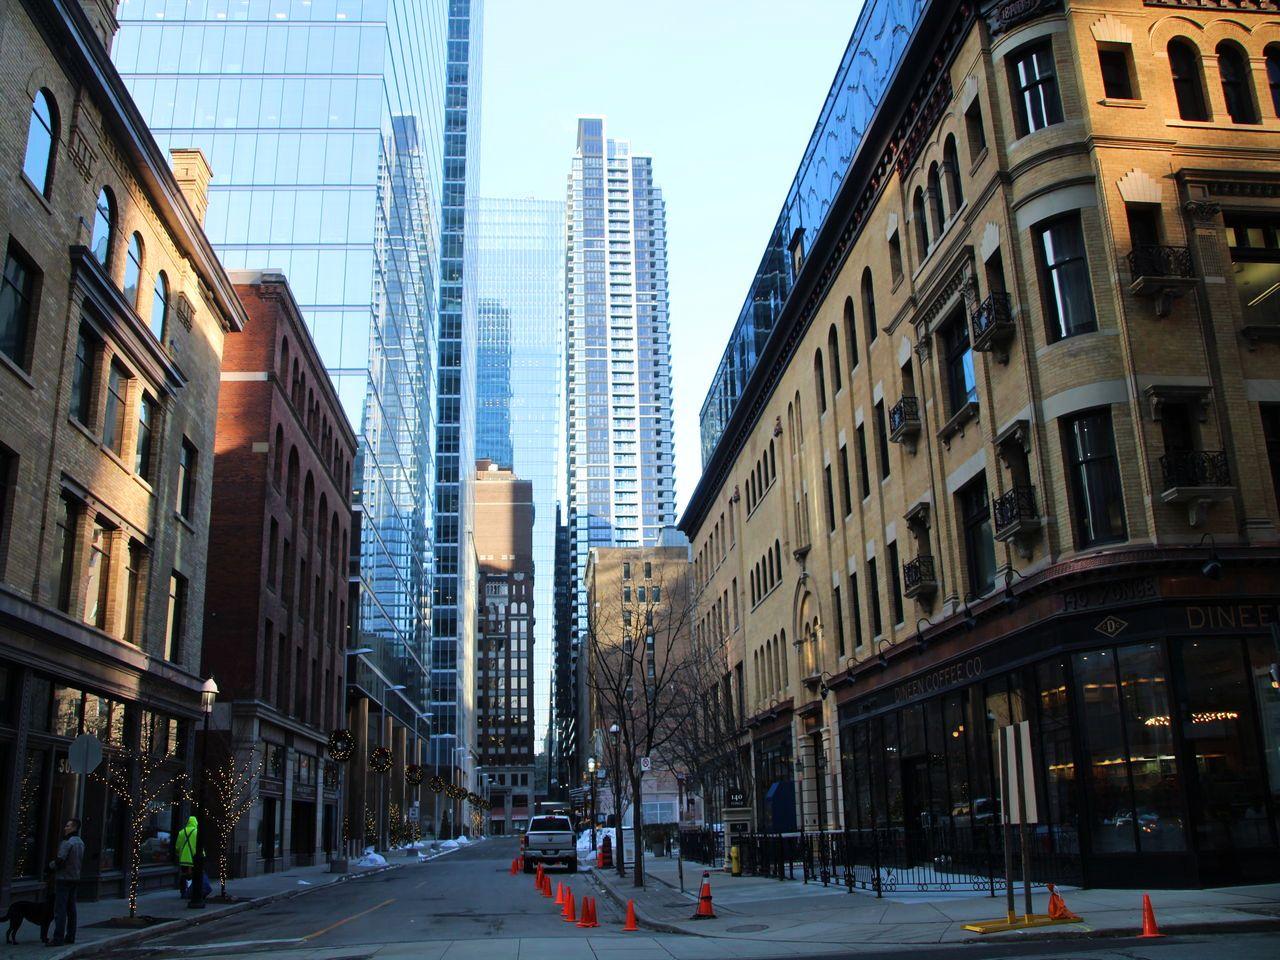 La calle Yonge Street, muy próxima a Queen Street, donde el arte urbano es el protagonista.